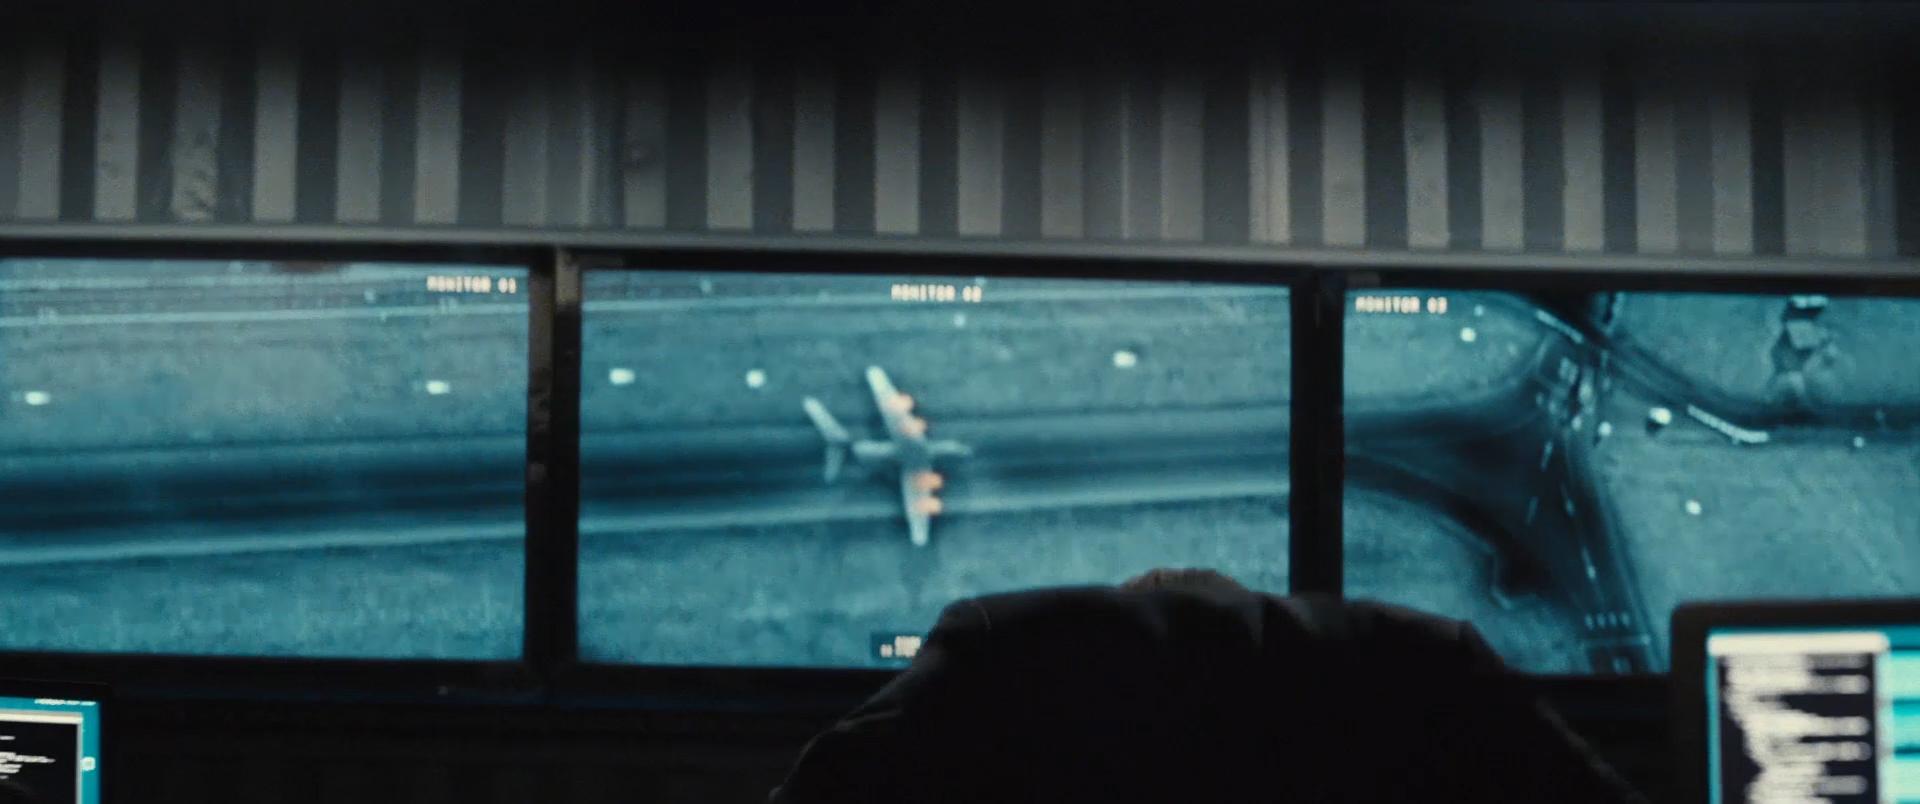 Mi5_Movie_03.jpg